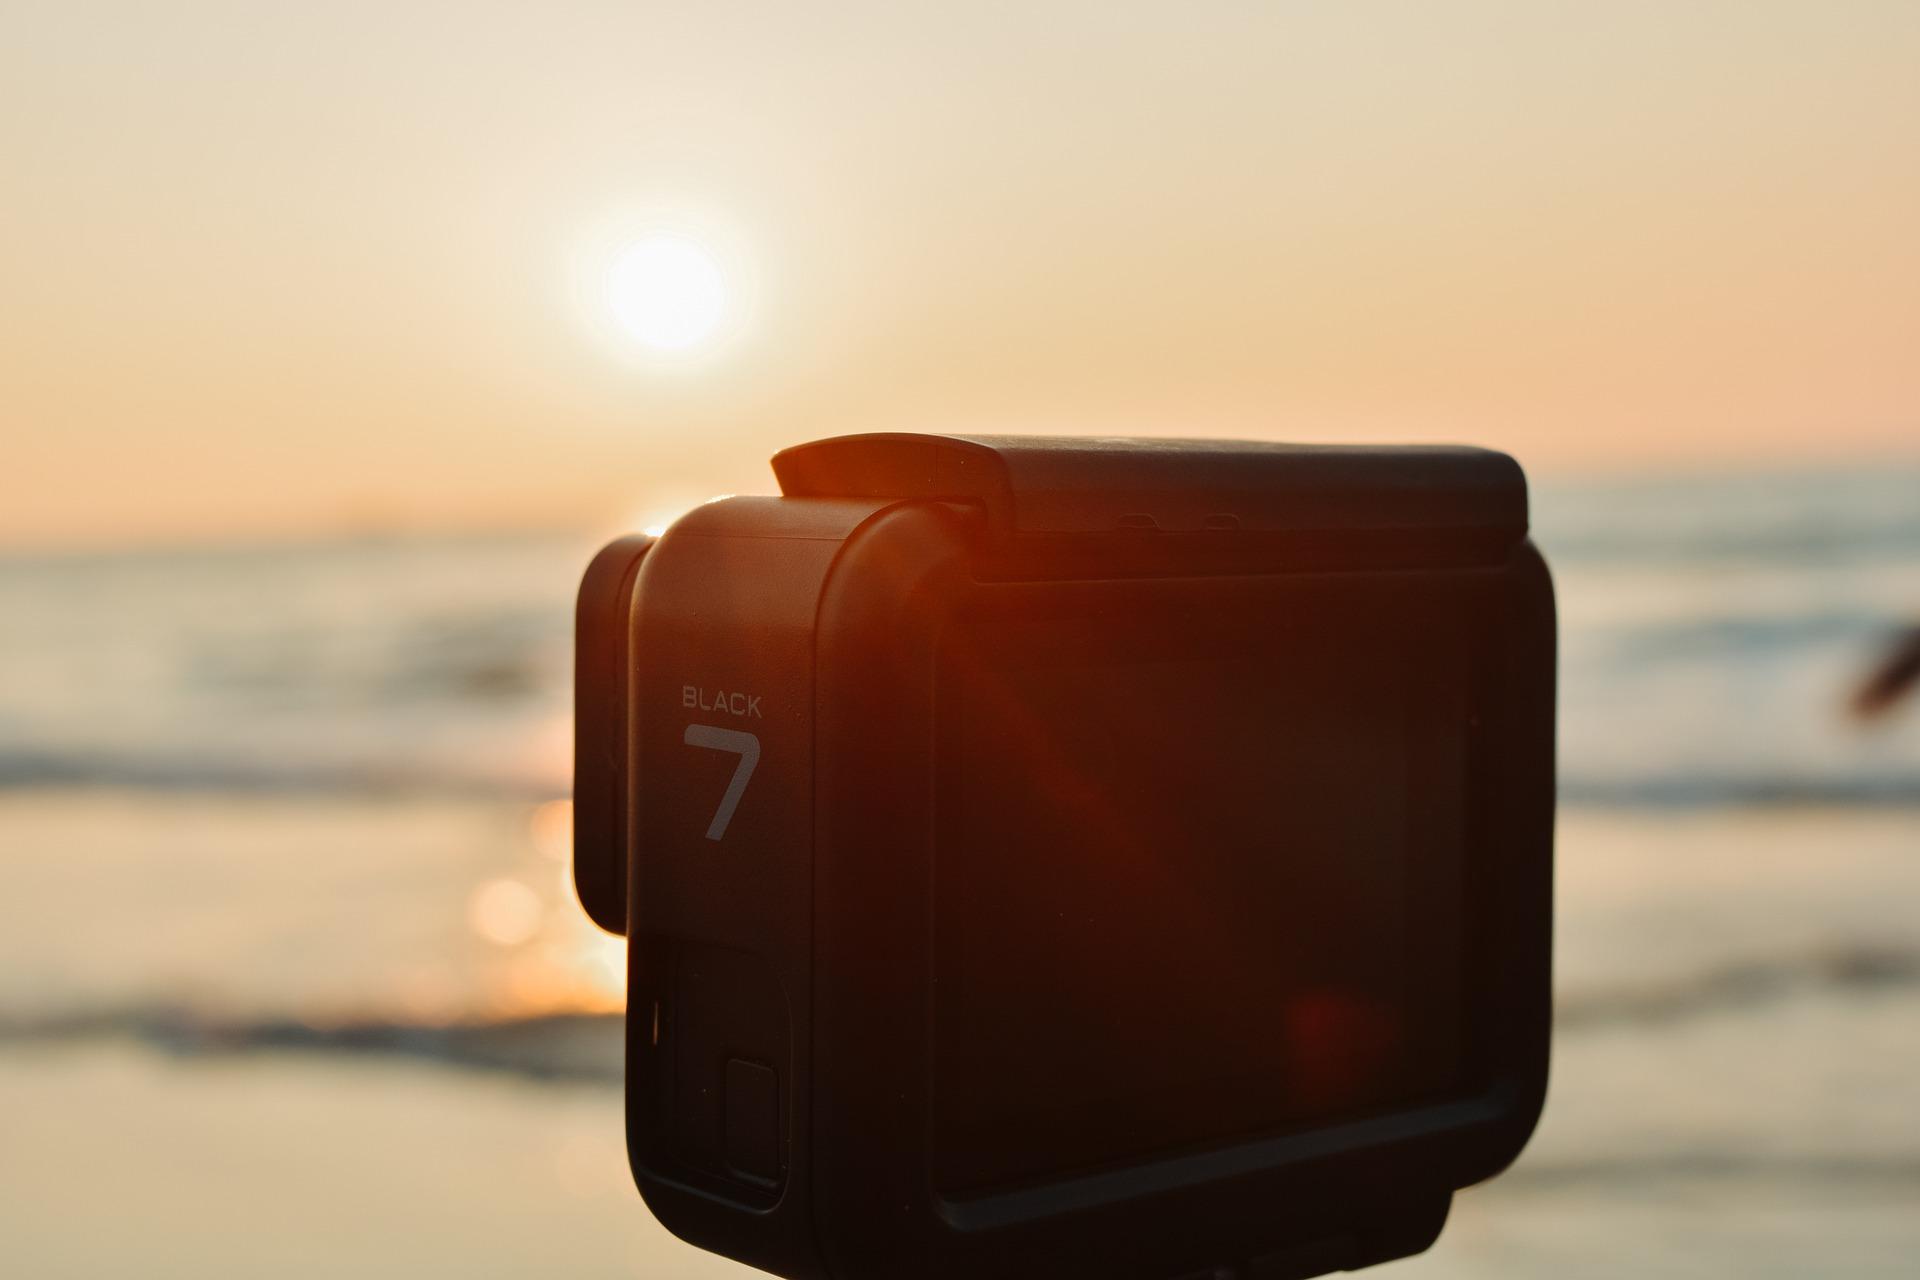 GoProが断然動画撮影におすすめの理由!